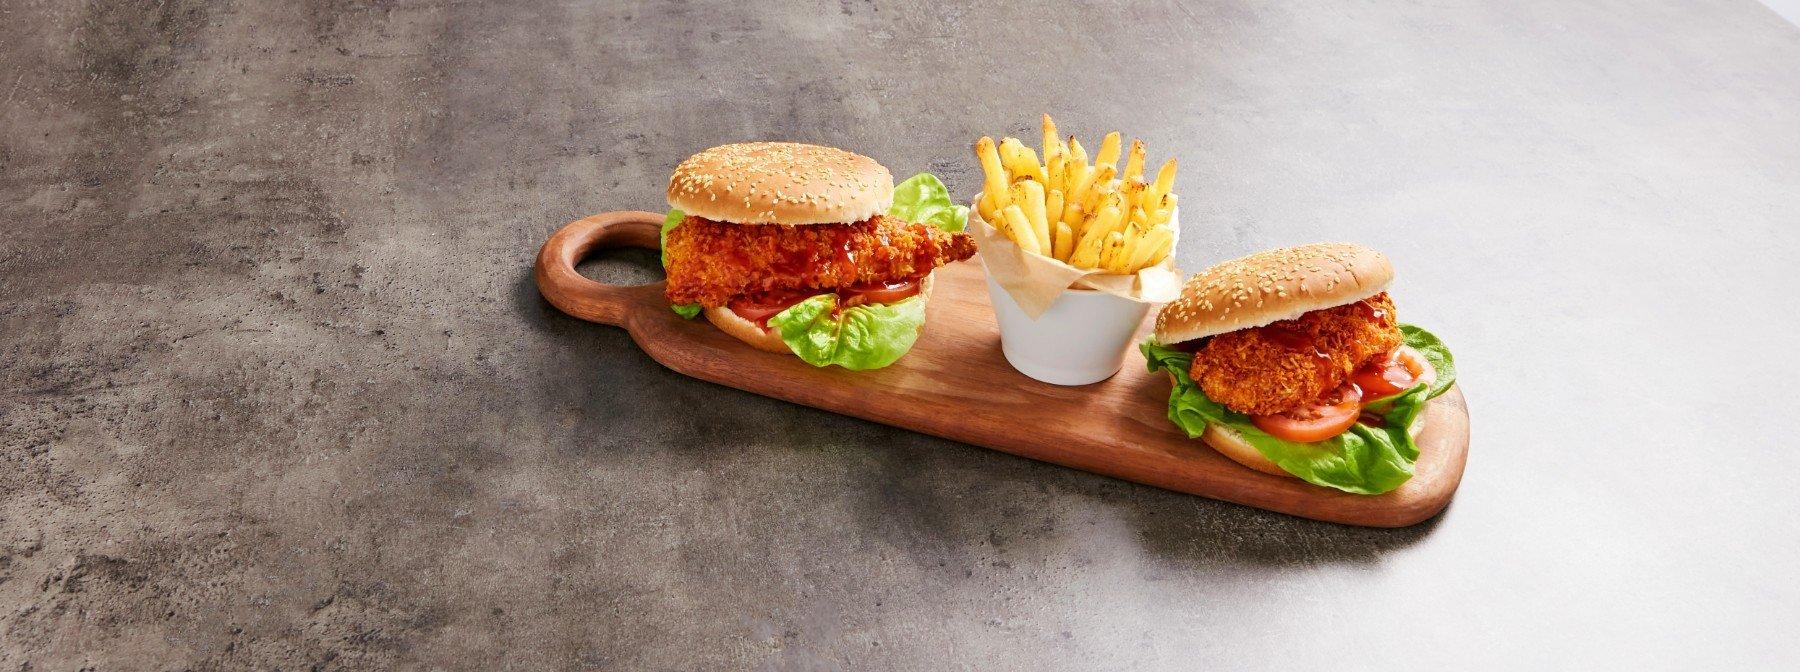 Острый куриный бургер | Ресторанные блюда своими руками